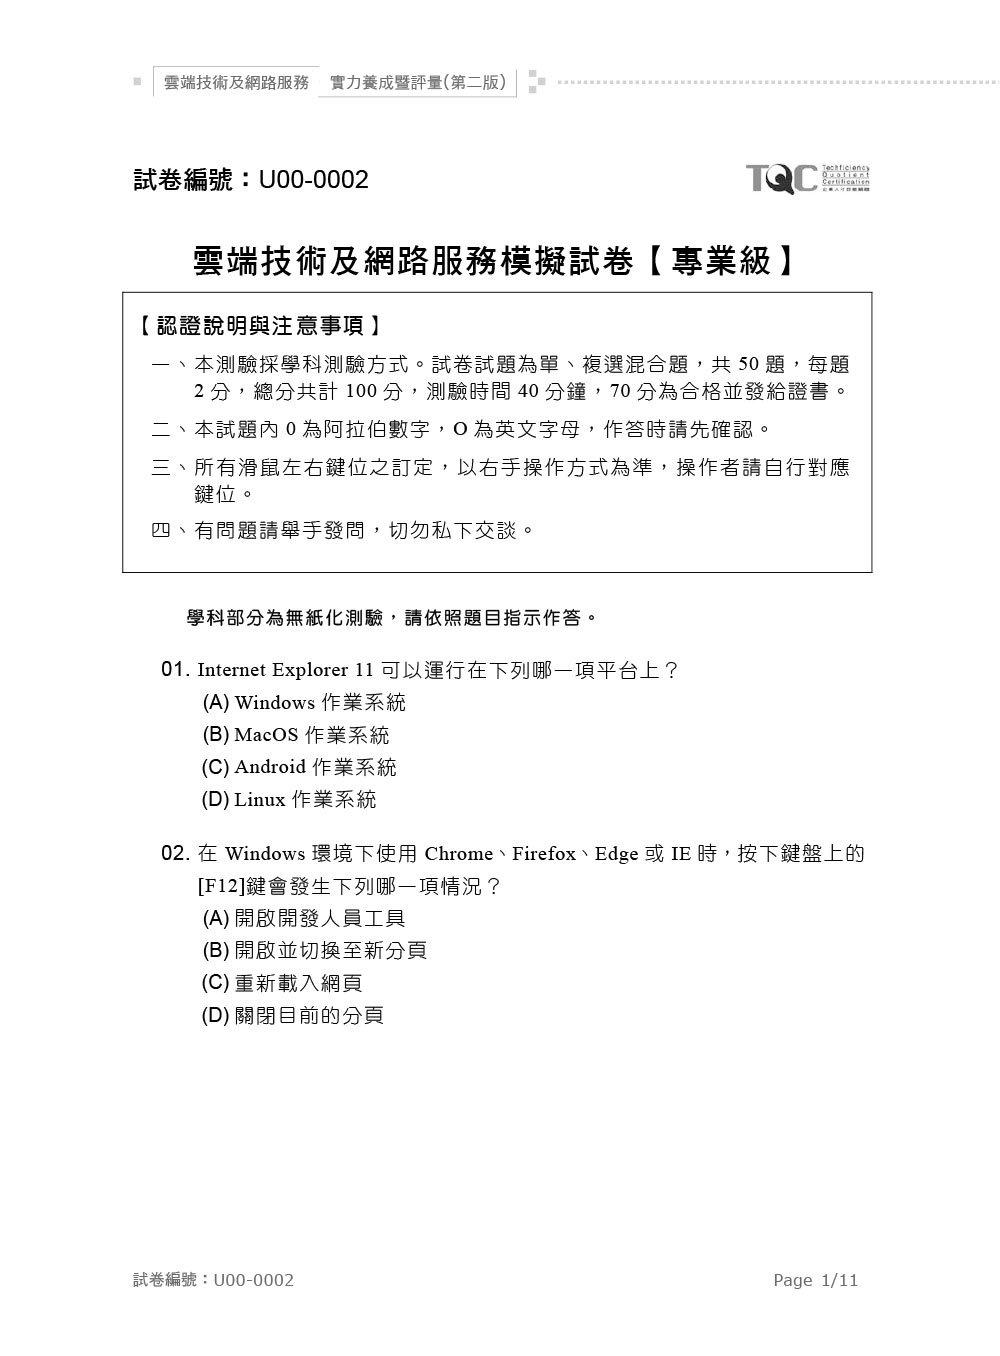 TQC 雲端技術及網路服務實力養成暨評量, 2/e-preview-8